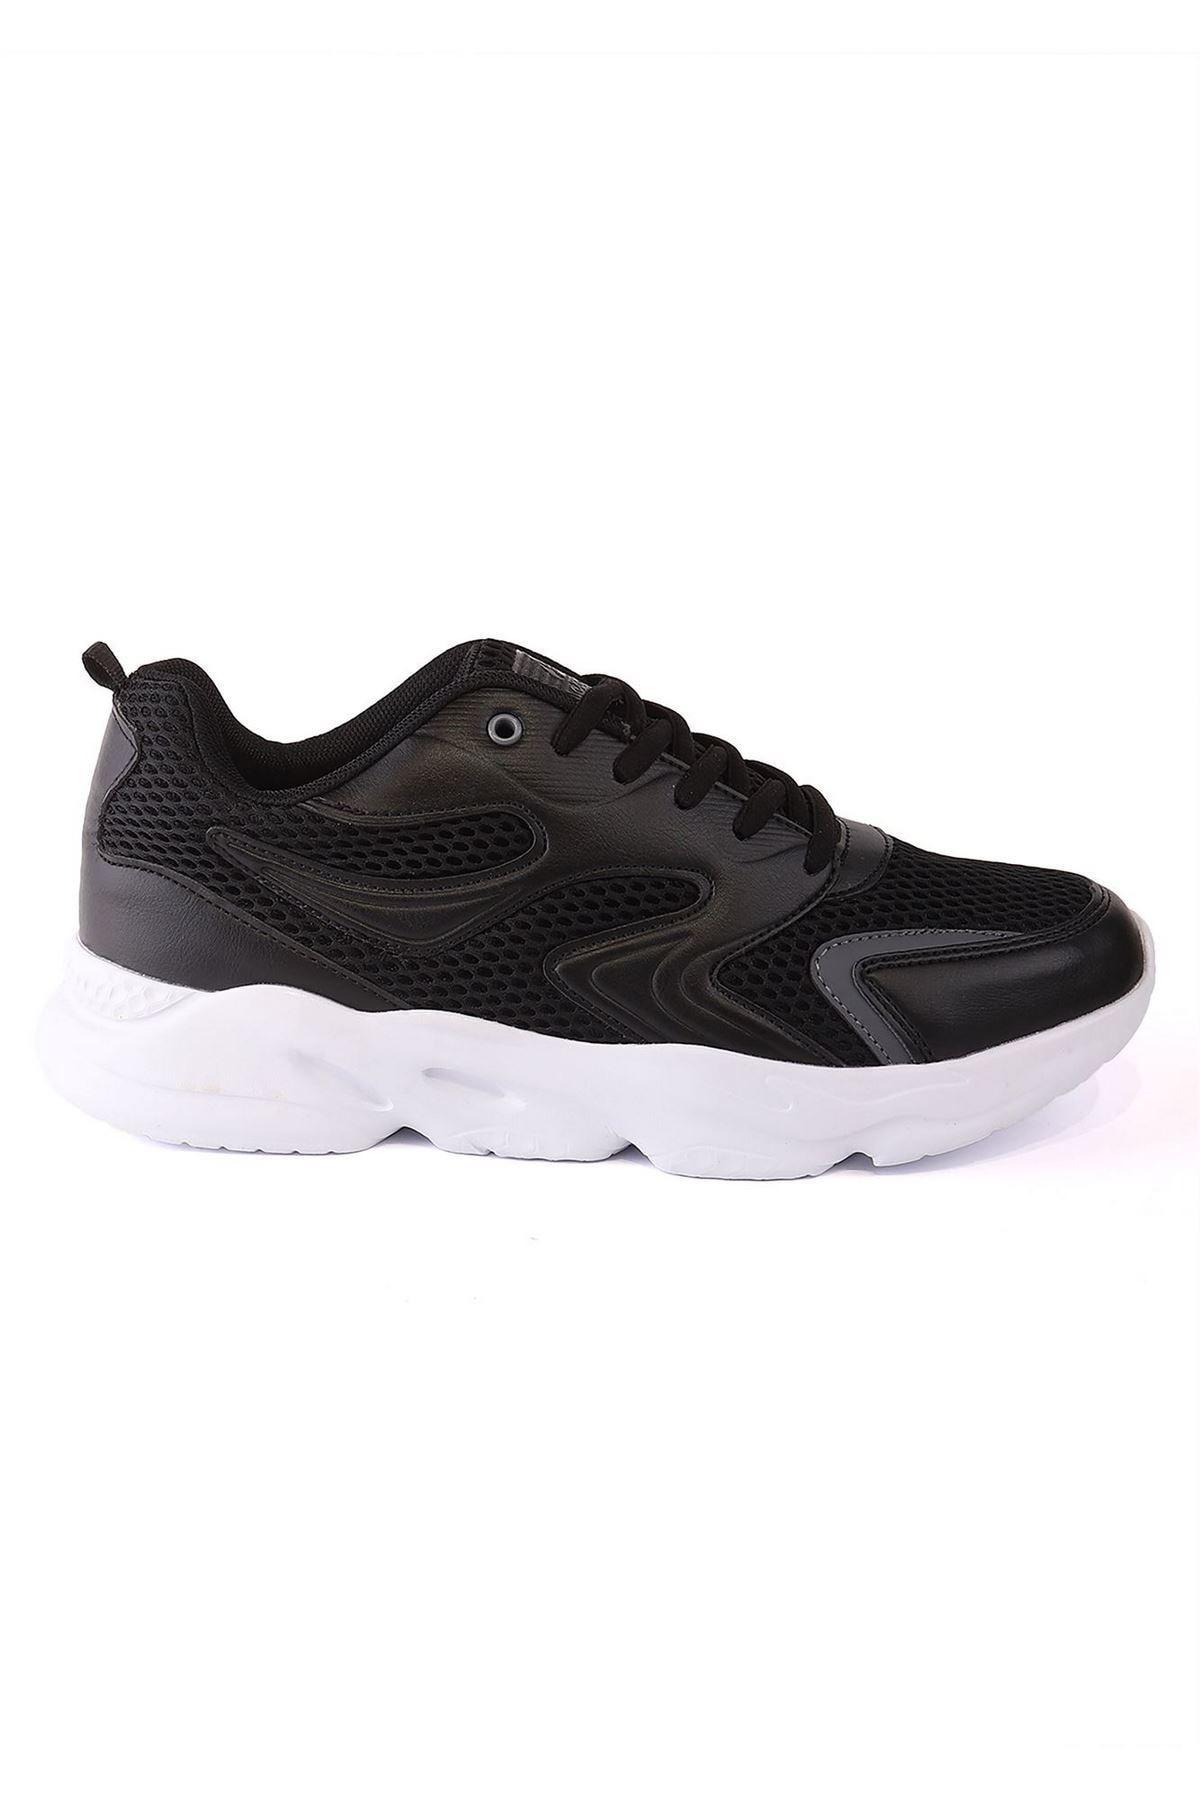 LETOON Kadın Casual Ayakkabı - LEVAZN